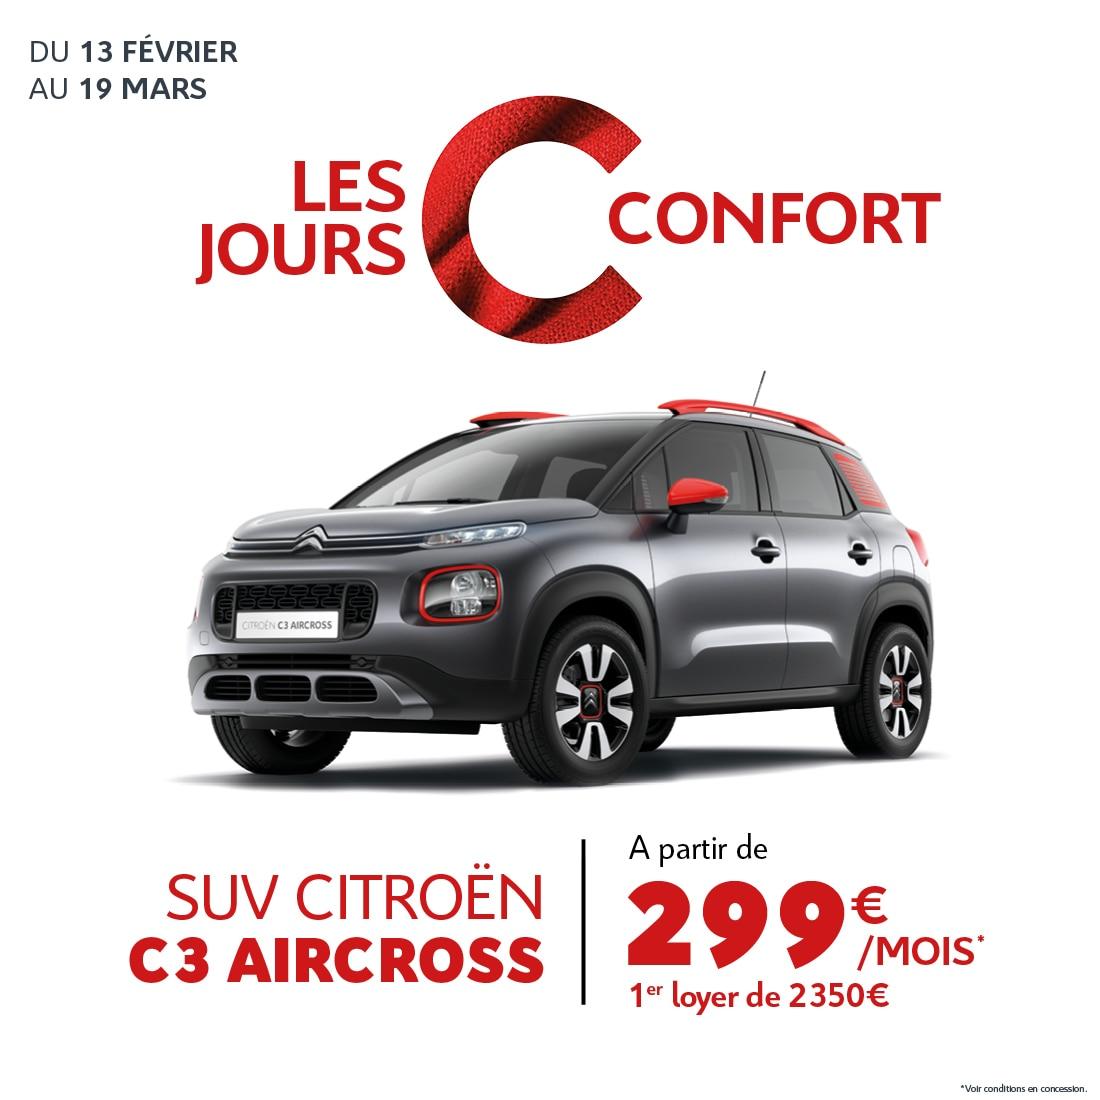 Landind Page - Citroën C3 Aircross- C Confort Réunion - Février 2020